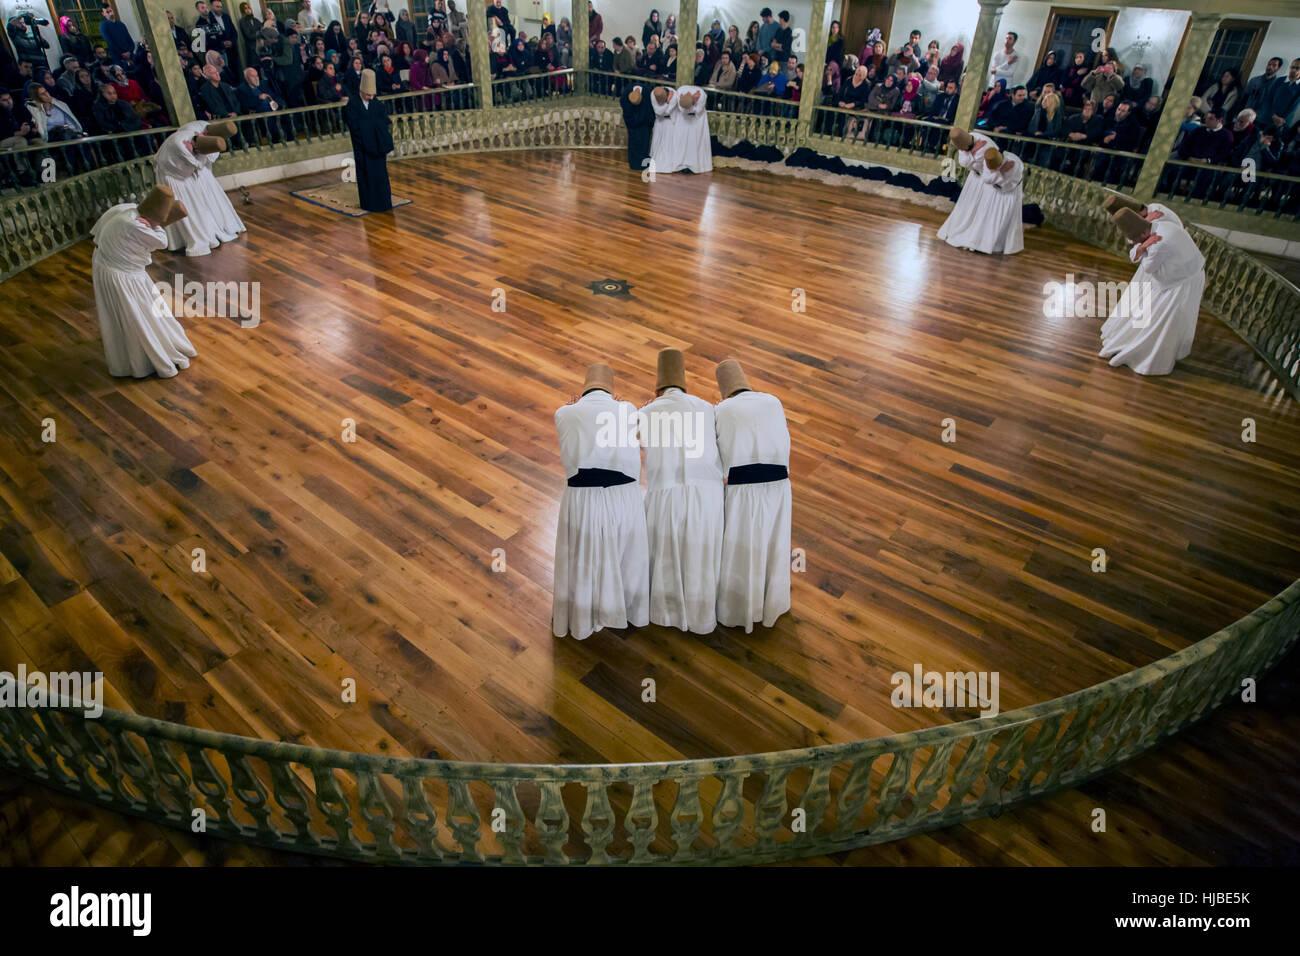 Istanbul, Turquie - 6 janvier 2016: touristes regarder Cérémonie à Sema Mevlevihanesi Yenikapi, Istanbul, Turquie le 6 janvier 2016 Banque D'Images